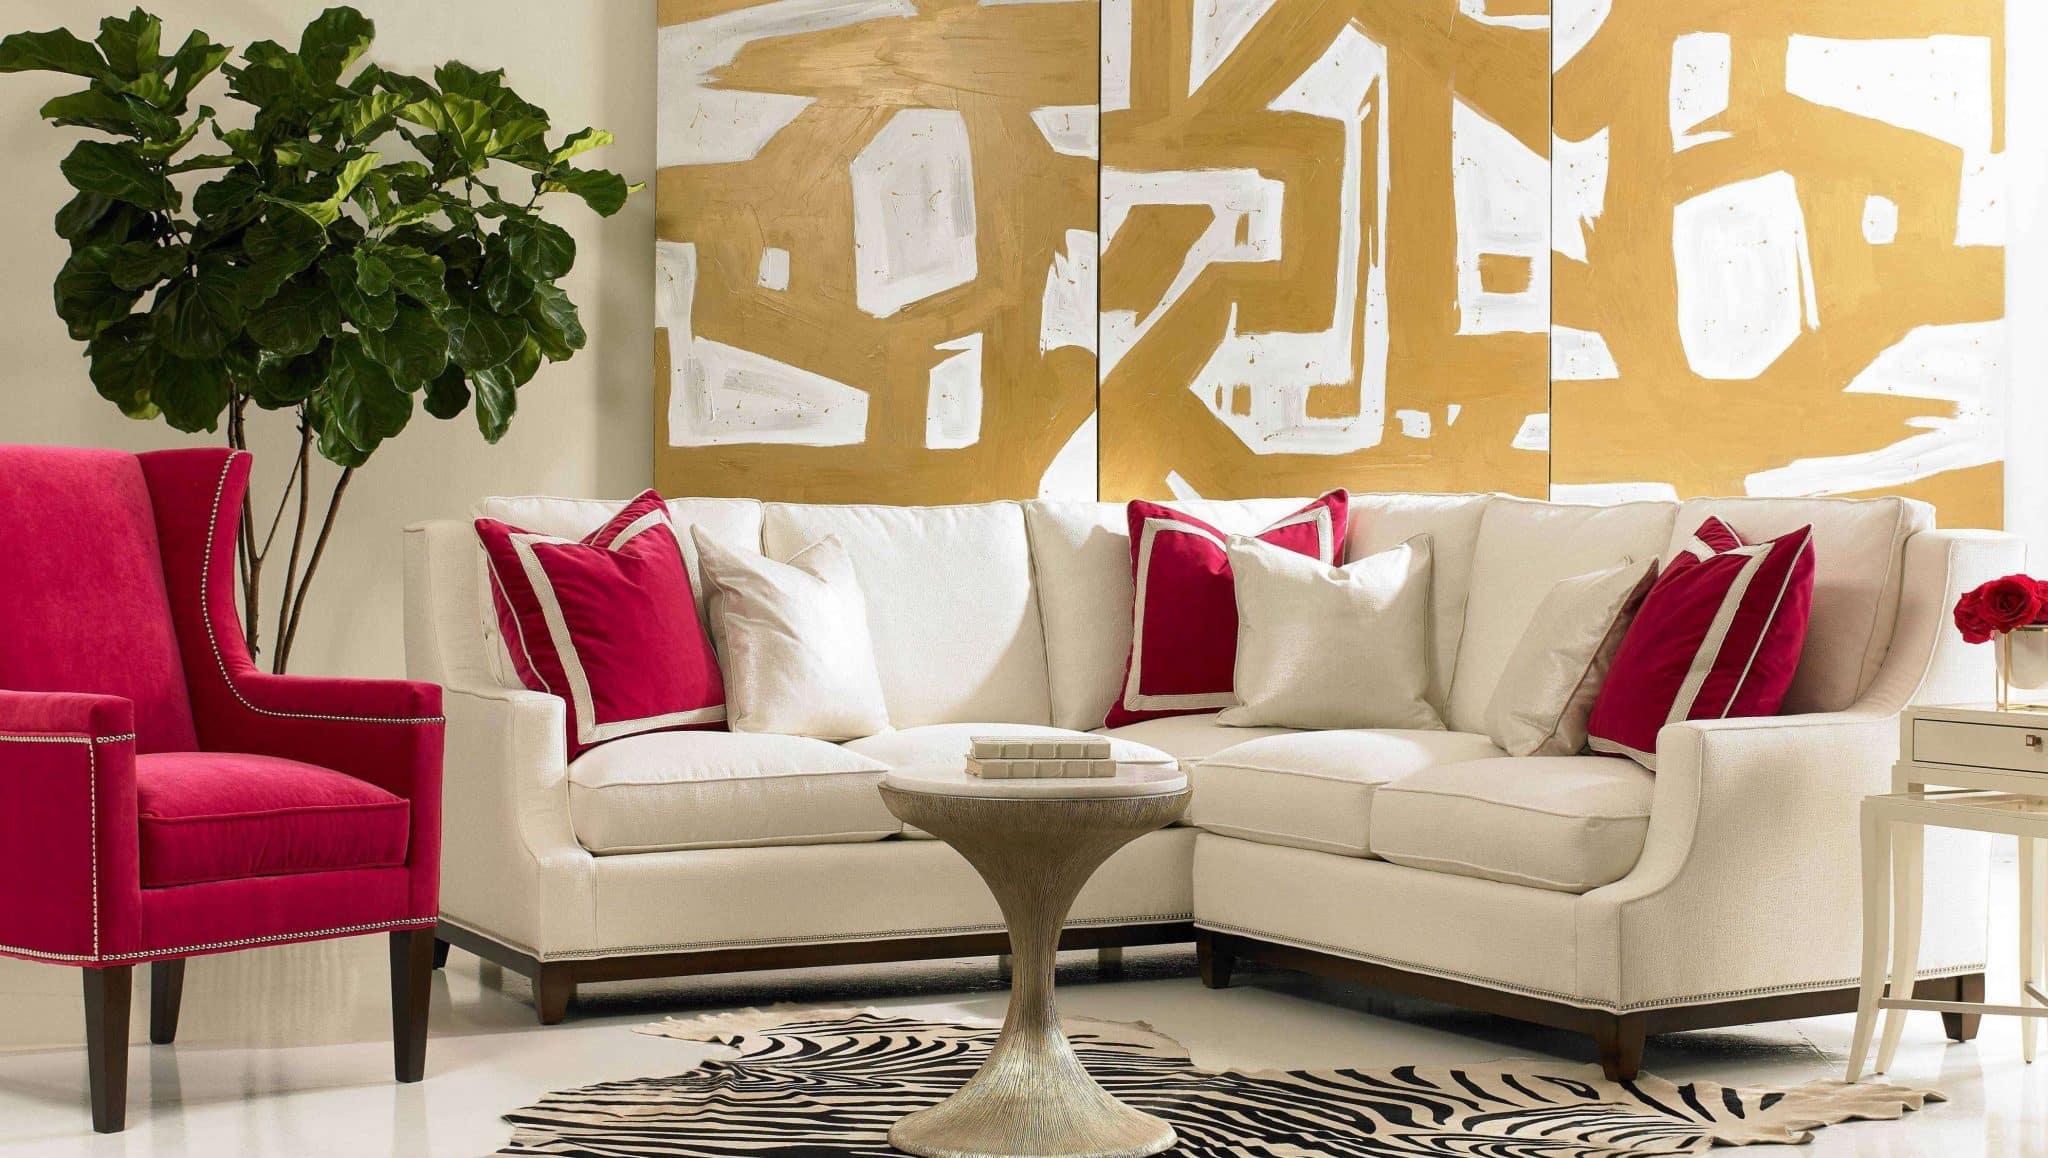 Mobilart Meubles Decor Furniture Store